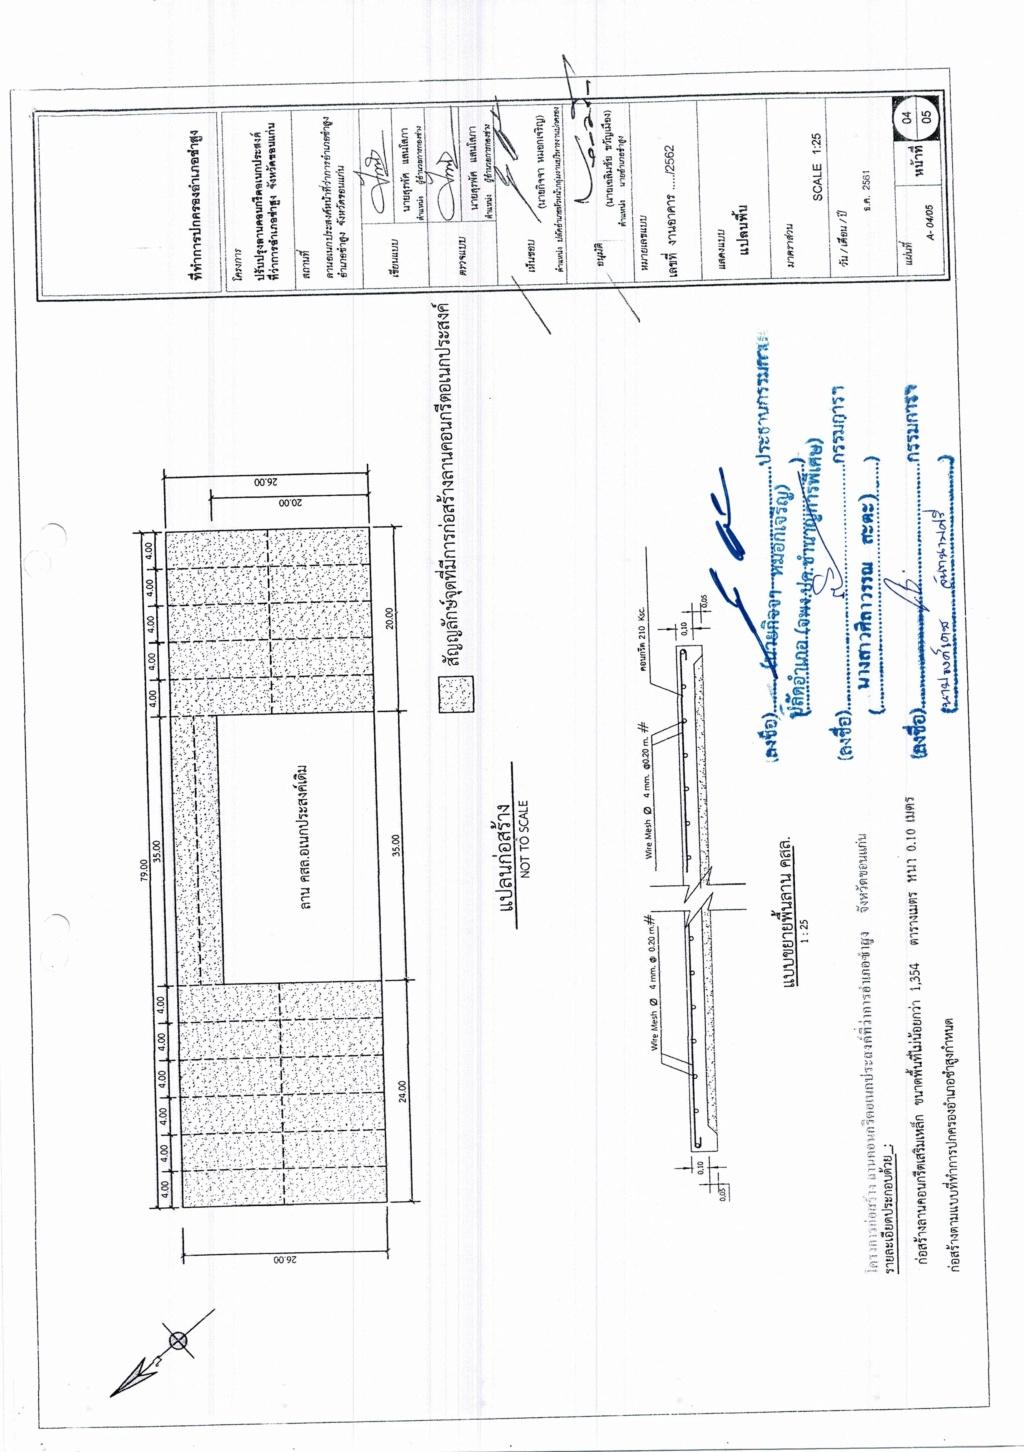 โครงการก่อสร้างลานอเนกประสงค์ที่ว่าการอำเภอซำสูง จังหวัดขอนแก่น ประจำปีงบประมาณ 2563  Cci_0039